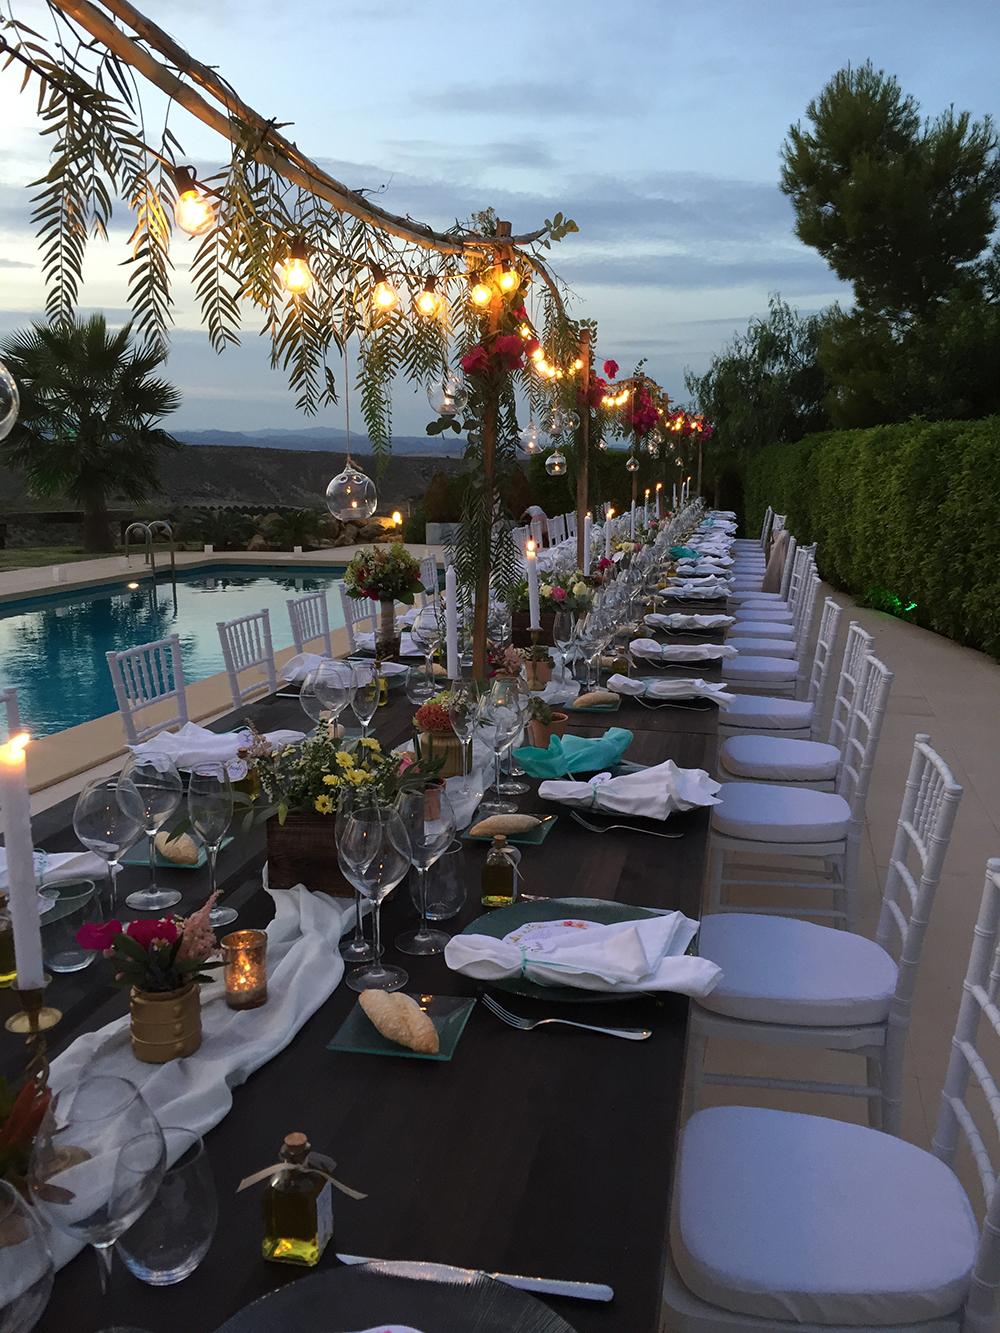 Tischdeko-ideen-für-lange-tafeln-ambrosia-wedding